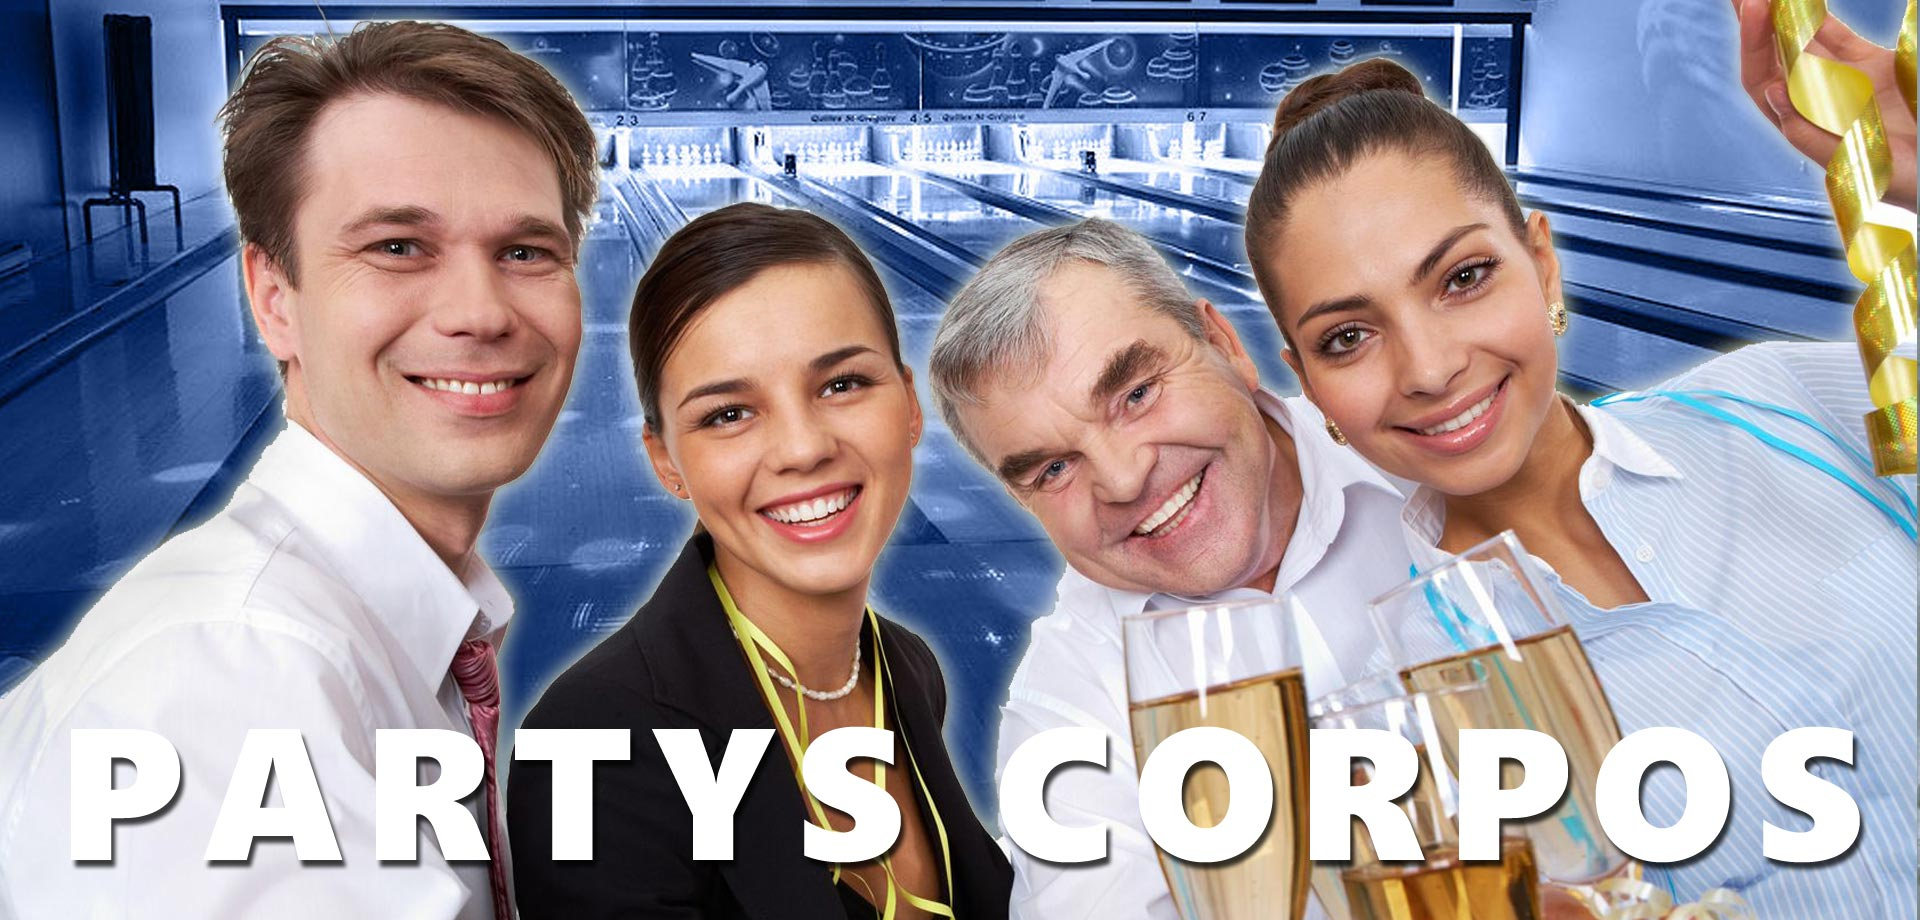 Quilles St-Grégoire Partys corporatifs